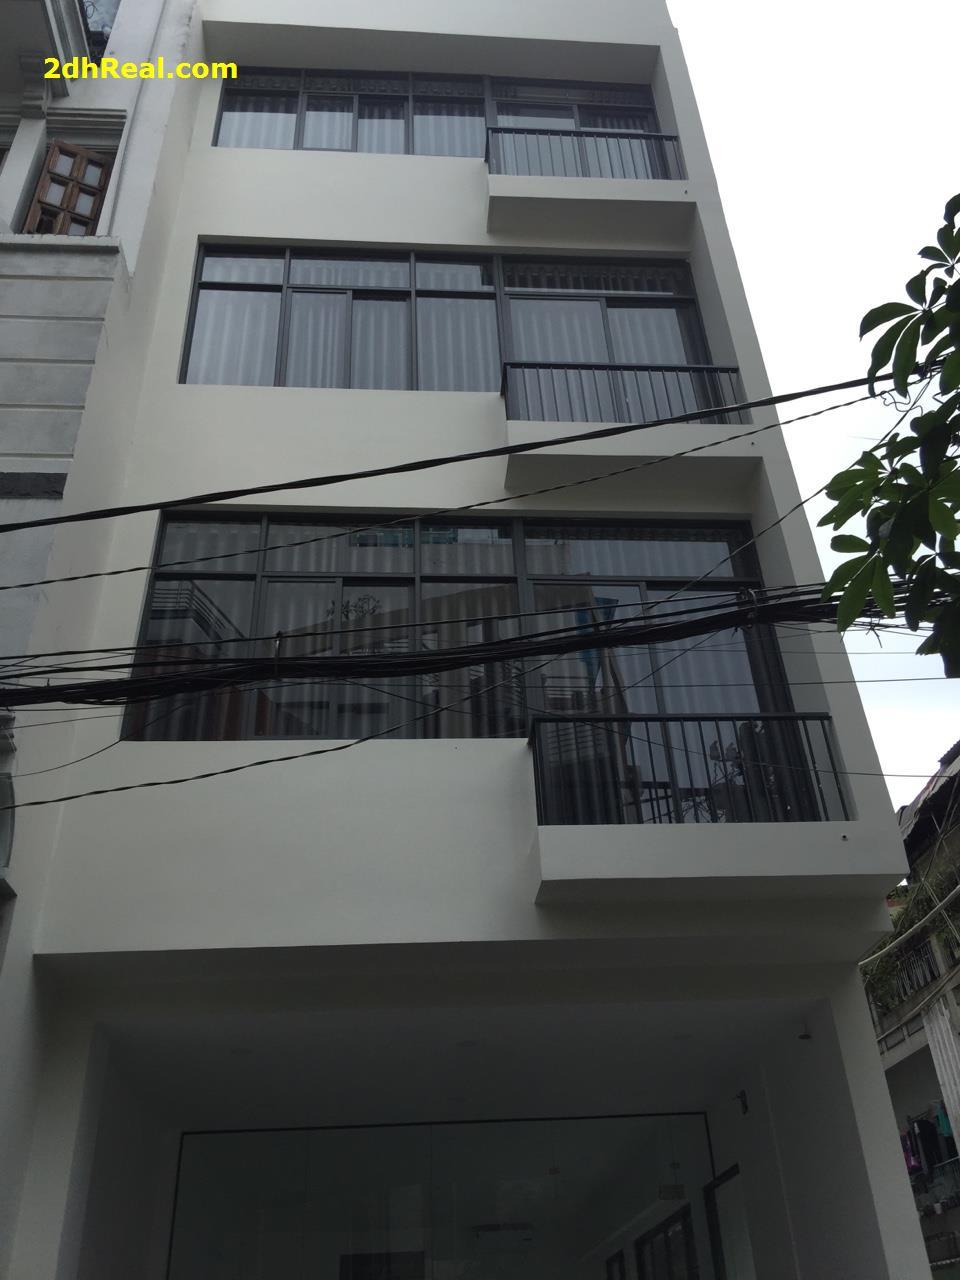 Bán nhà biệt thự liền kề góc 2 mặt tiền Đường Nguyễn Đình Chiểu Quận 1